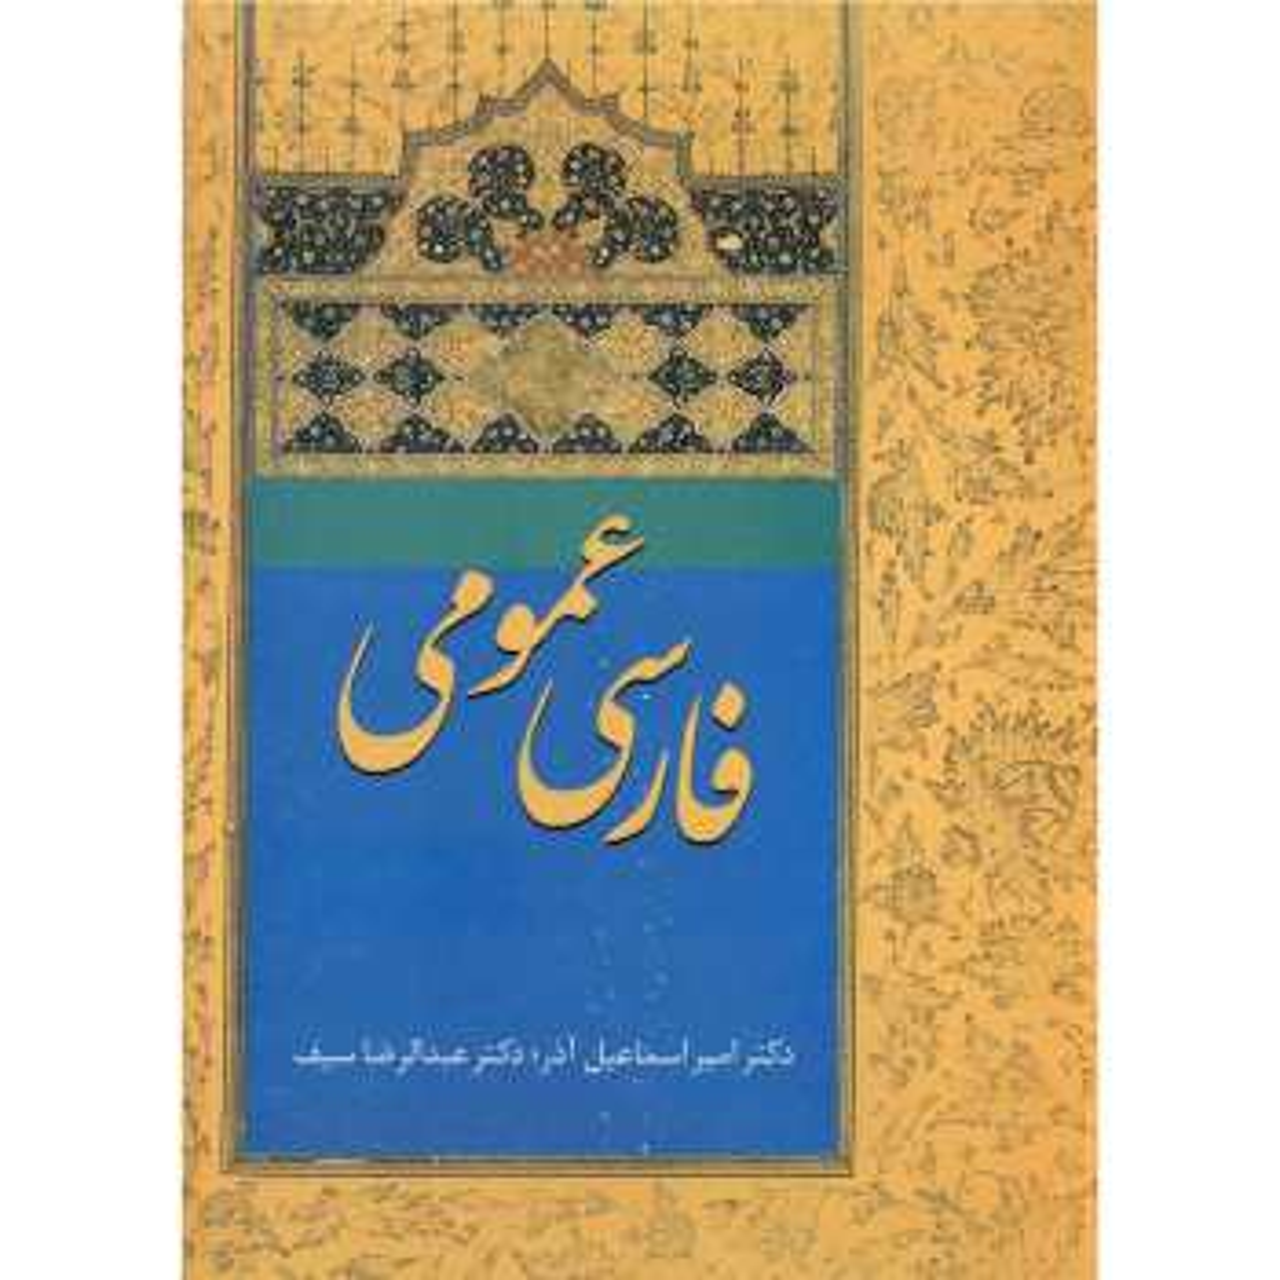 کتاب فارسی عمومی اثر امیر اسماعیل آذر